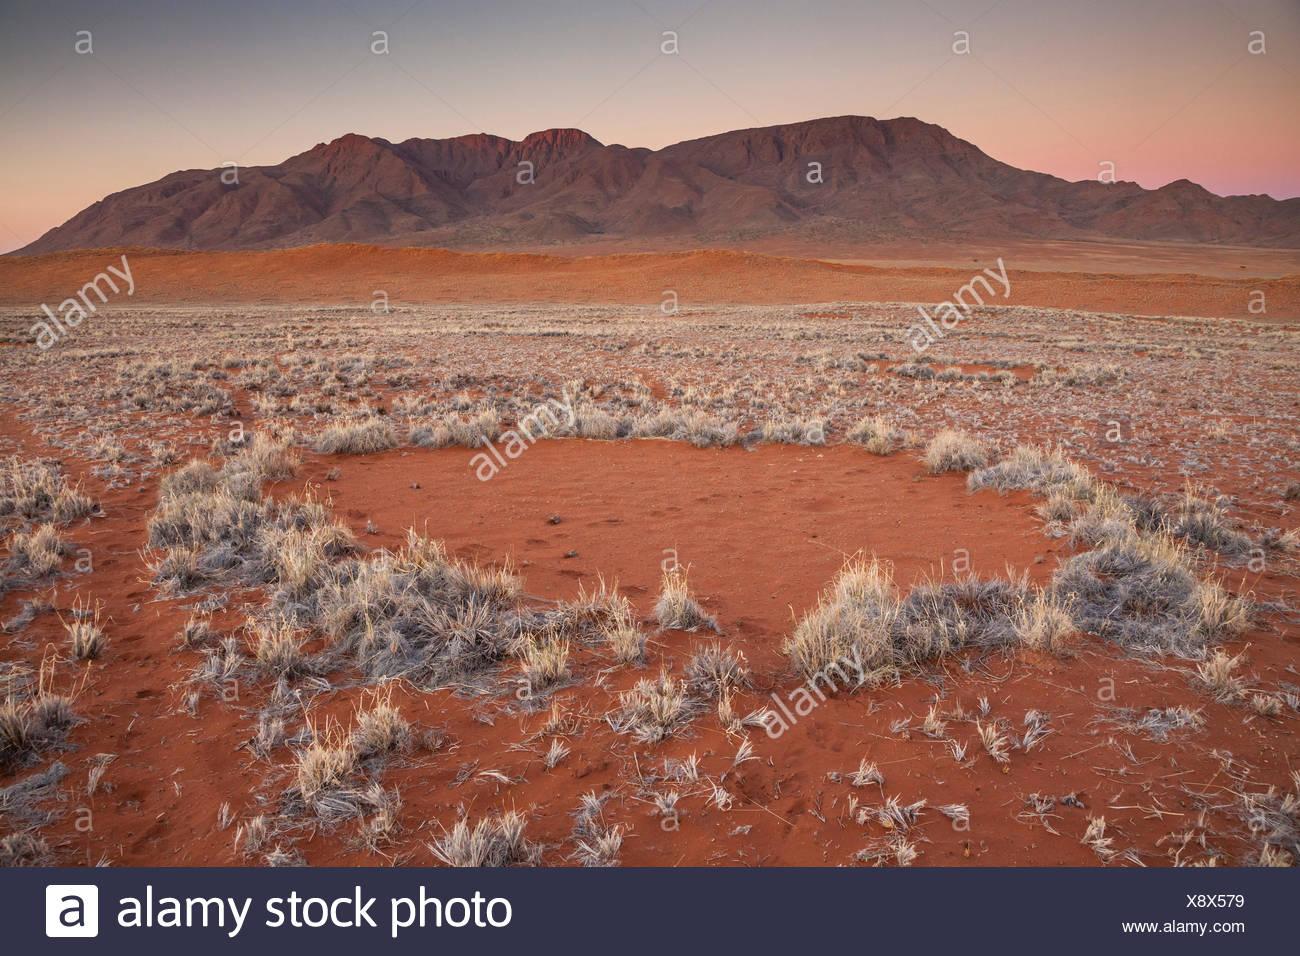 Fairy Kreis bei Sonnenuntergang in der Wüste Namib, Namibia. Es hat vor kurzem festgestellt, dass diese Muster durch eine Mischung von Termiten mit der Aktion der Gräser im Wettbewerb um Wasser verursacht werden. Stockbild